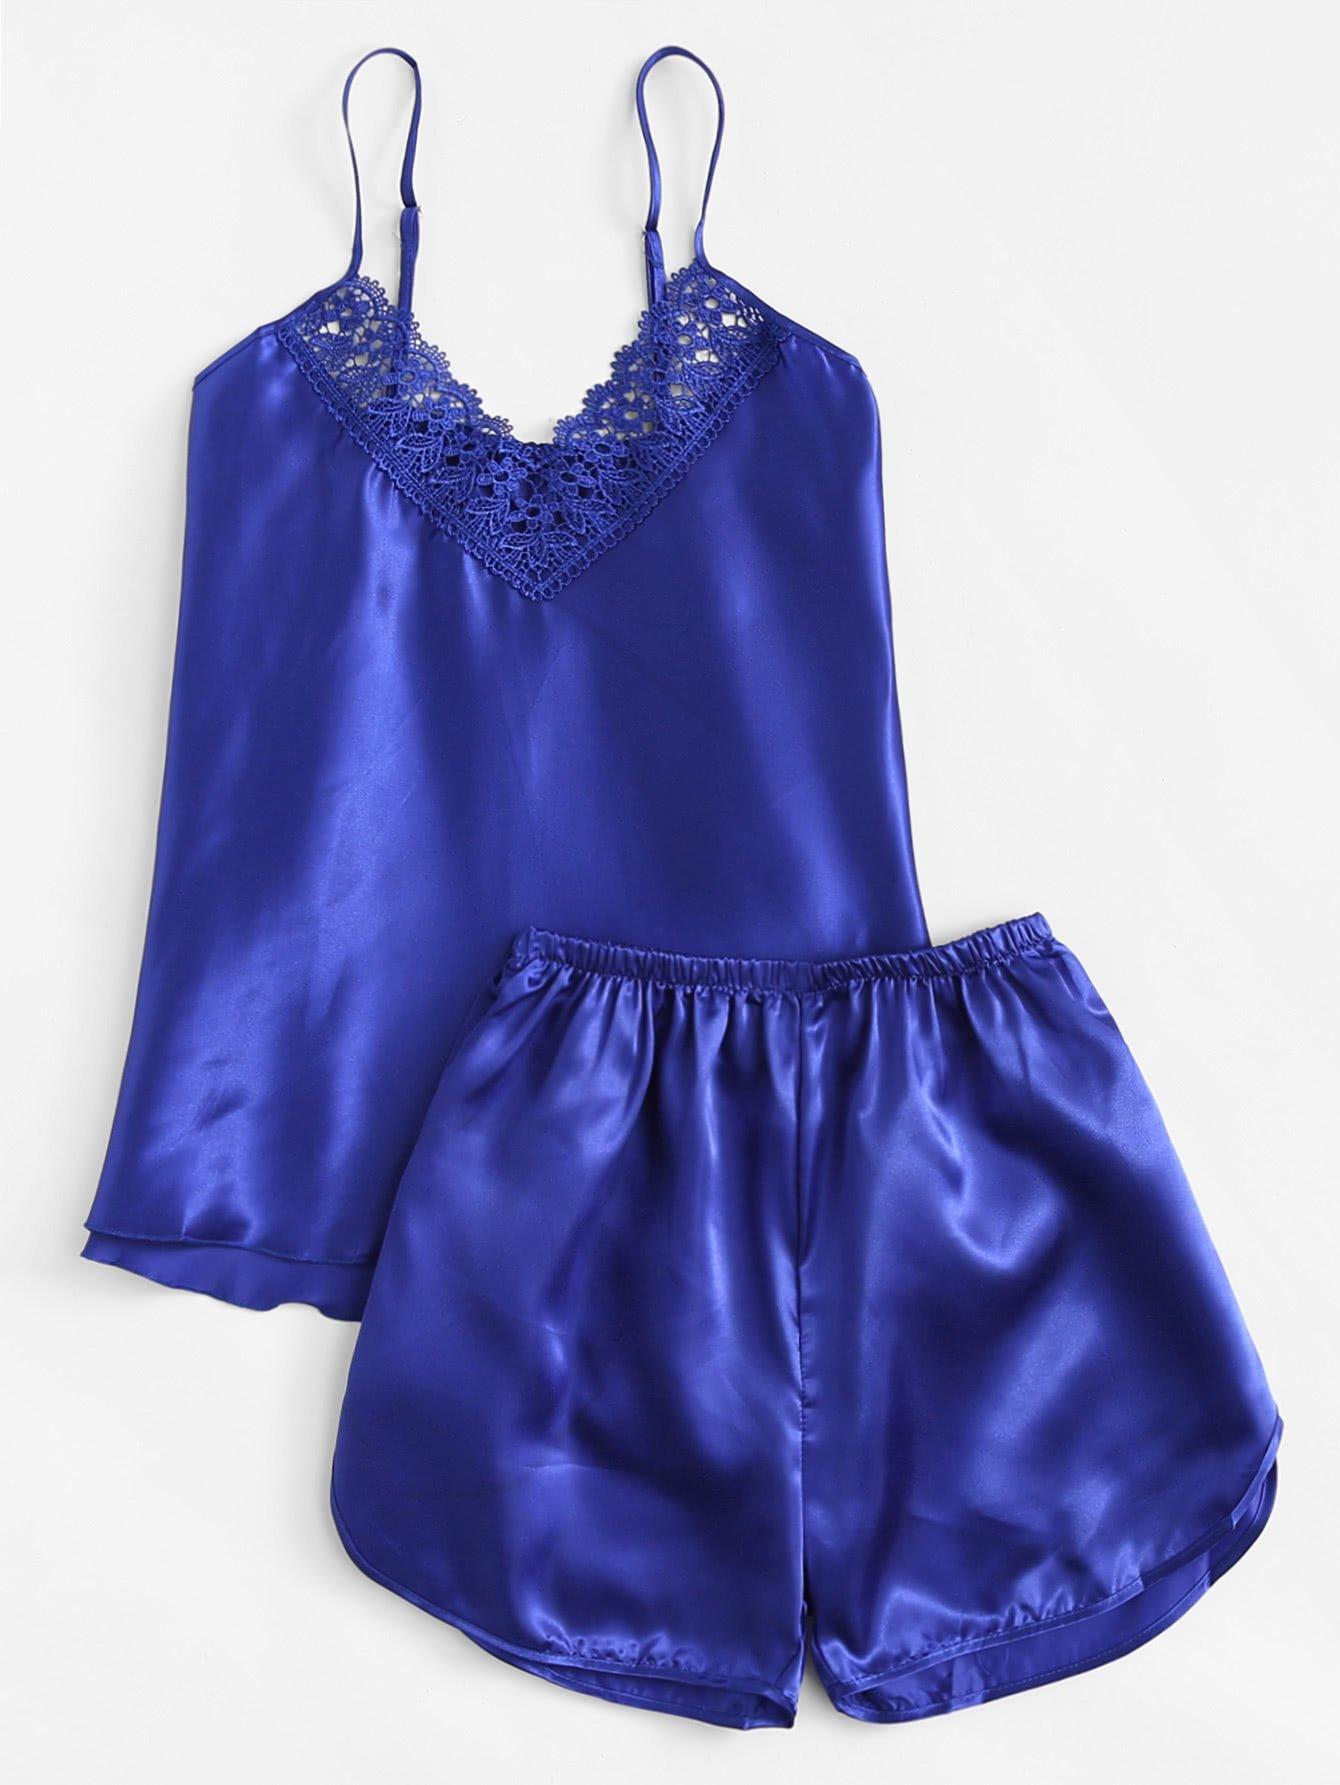 66b65be6bc Crochet Lace Detail Satin Pajama Set | Satin pajama sets and Products